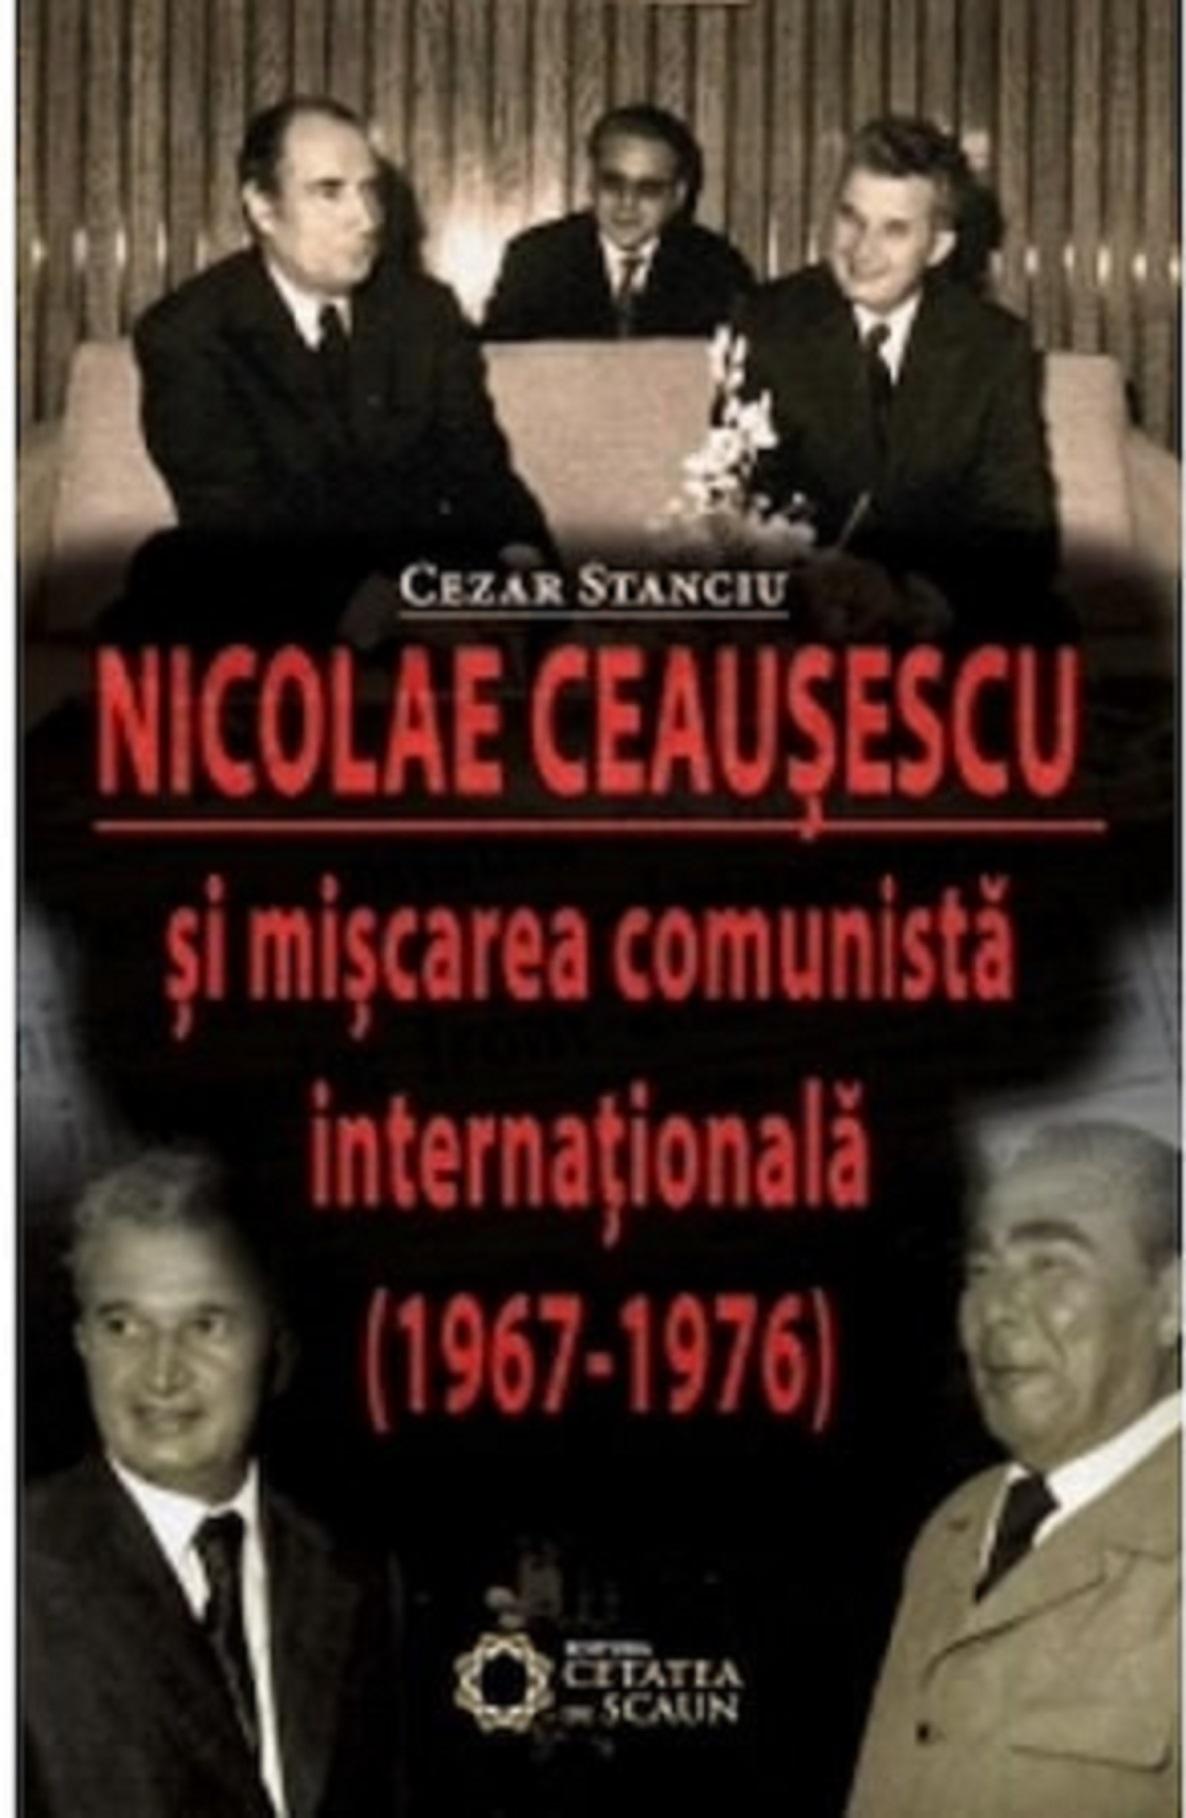 Nicolae Ceausescu si miscarea comunista internationala (1967-1976)